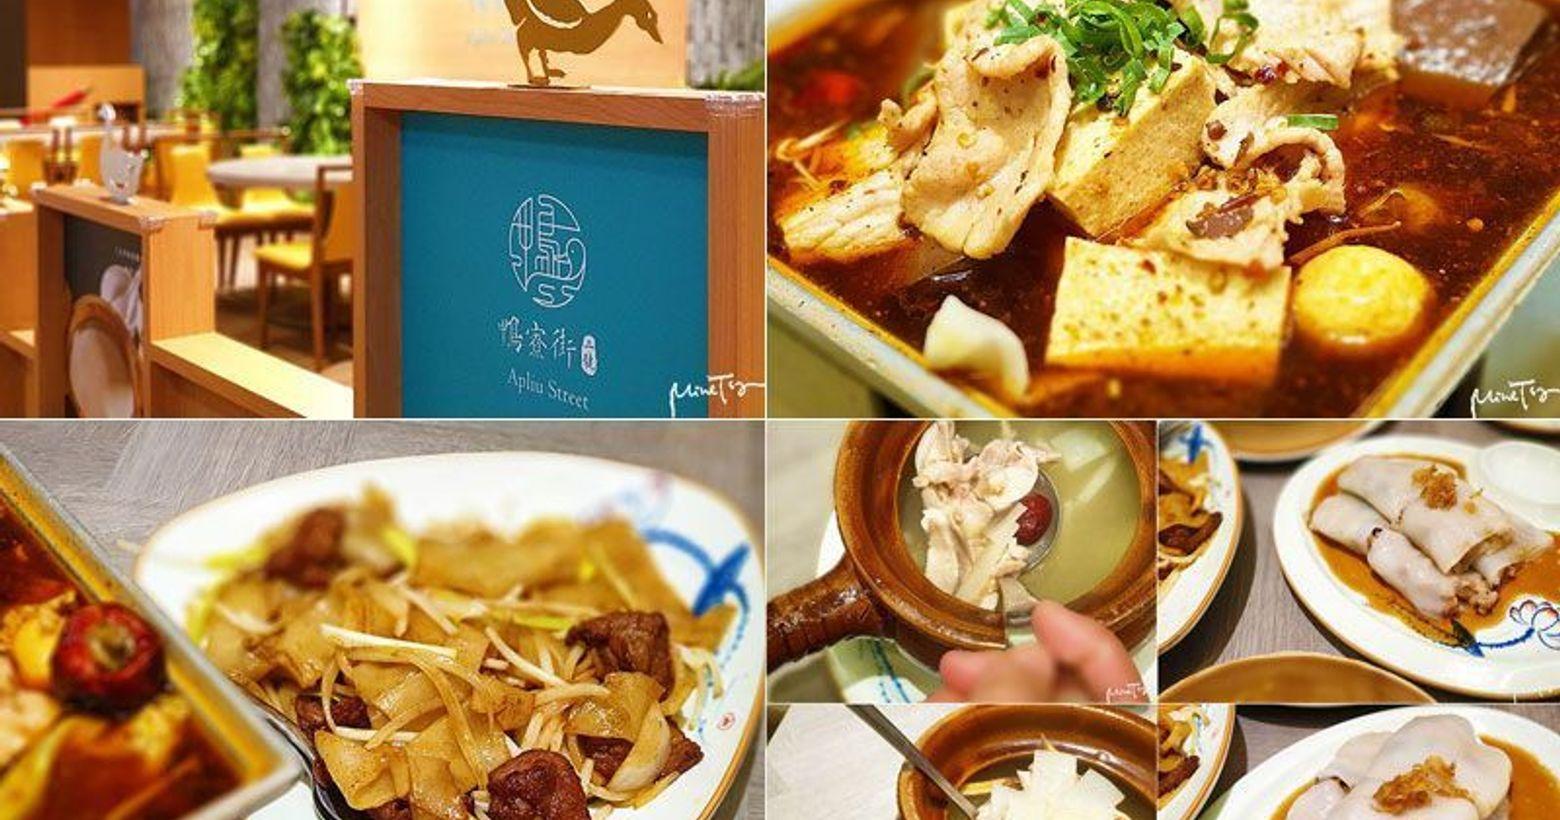 【高雄.三民區】鴨寮街(悅誠廣場二號店) - 只有「天啊!」的讚嘆聲的港式飲茶 / 全部菜單粉絲頁: